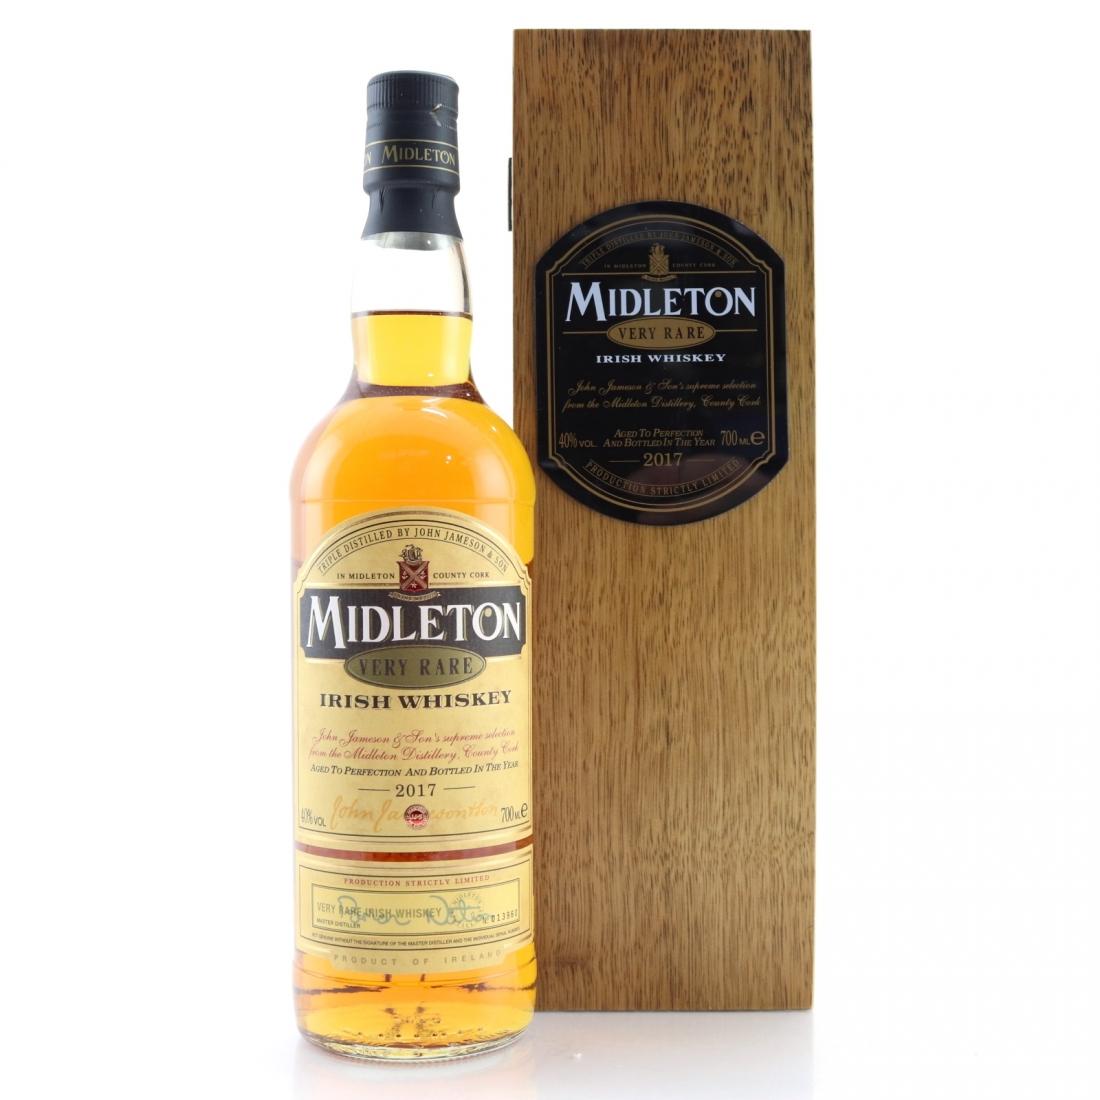 Midleton Very Rare 2017 Edition